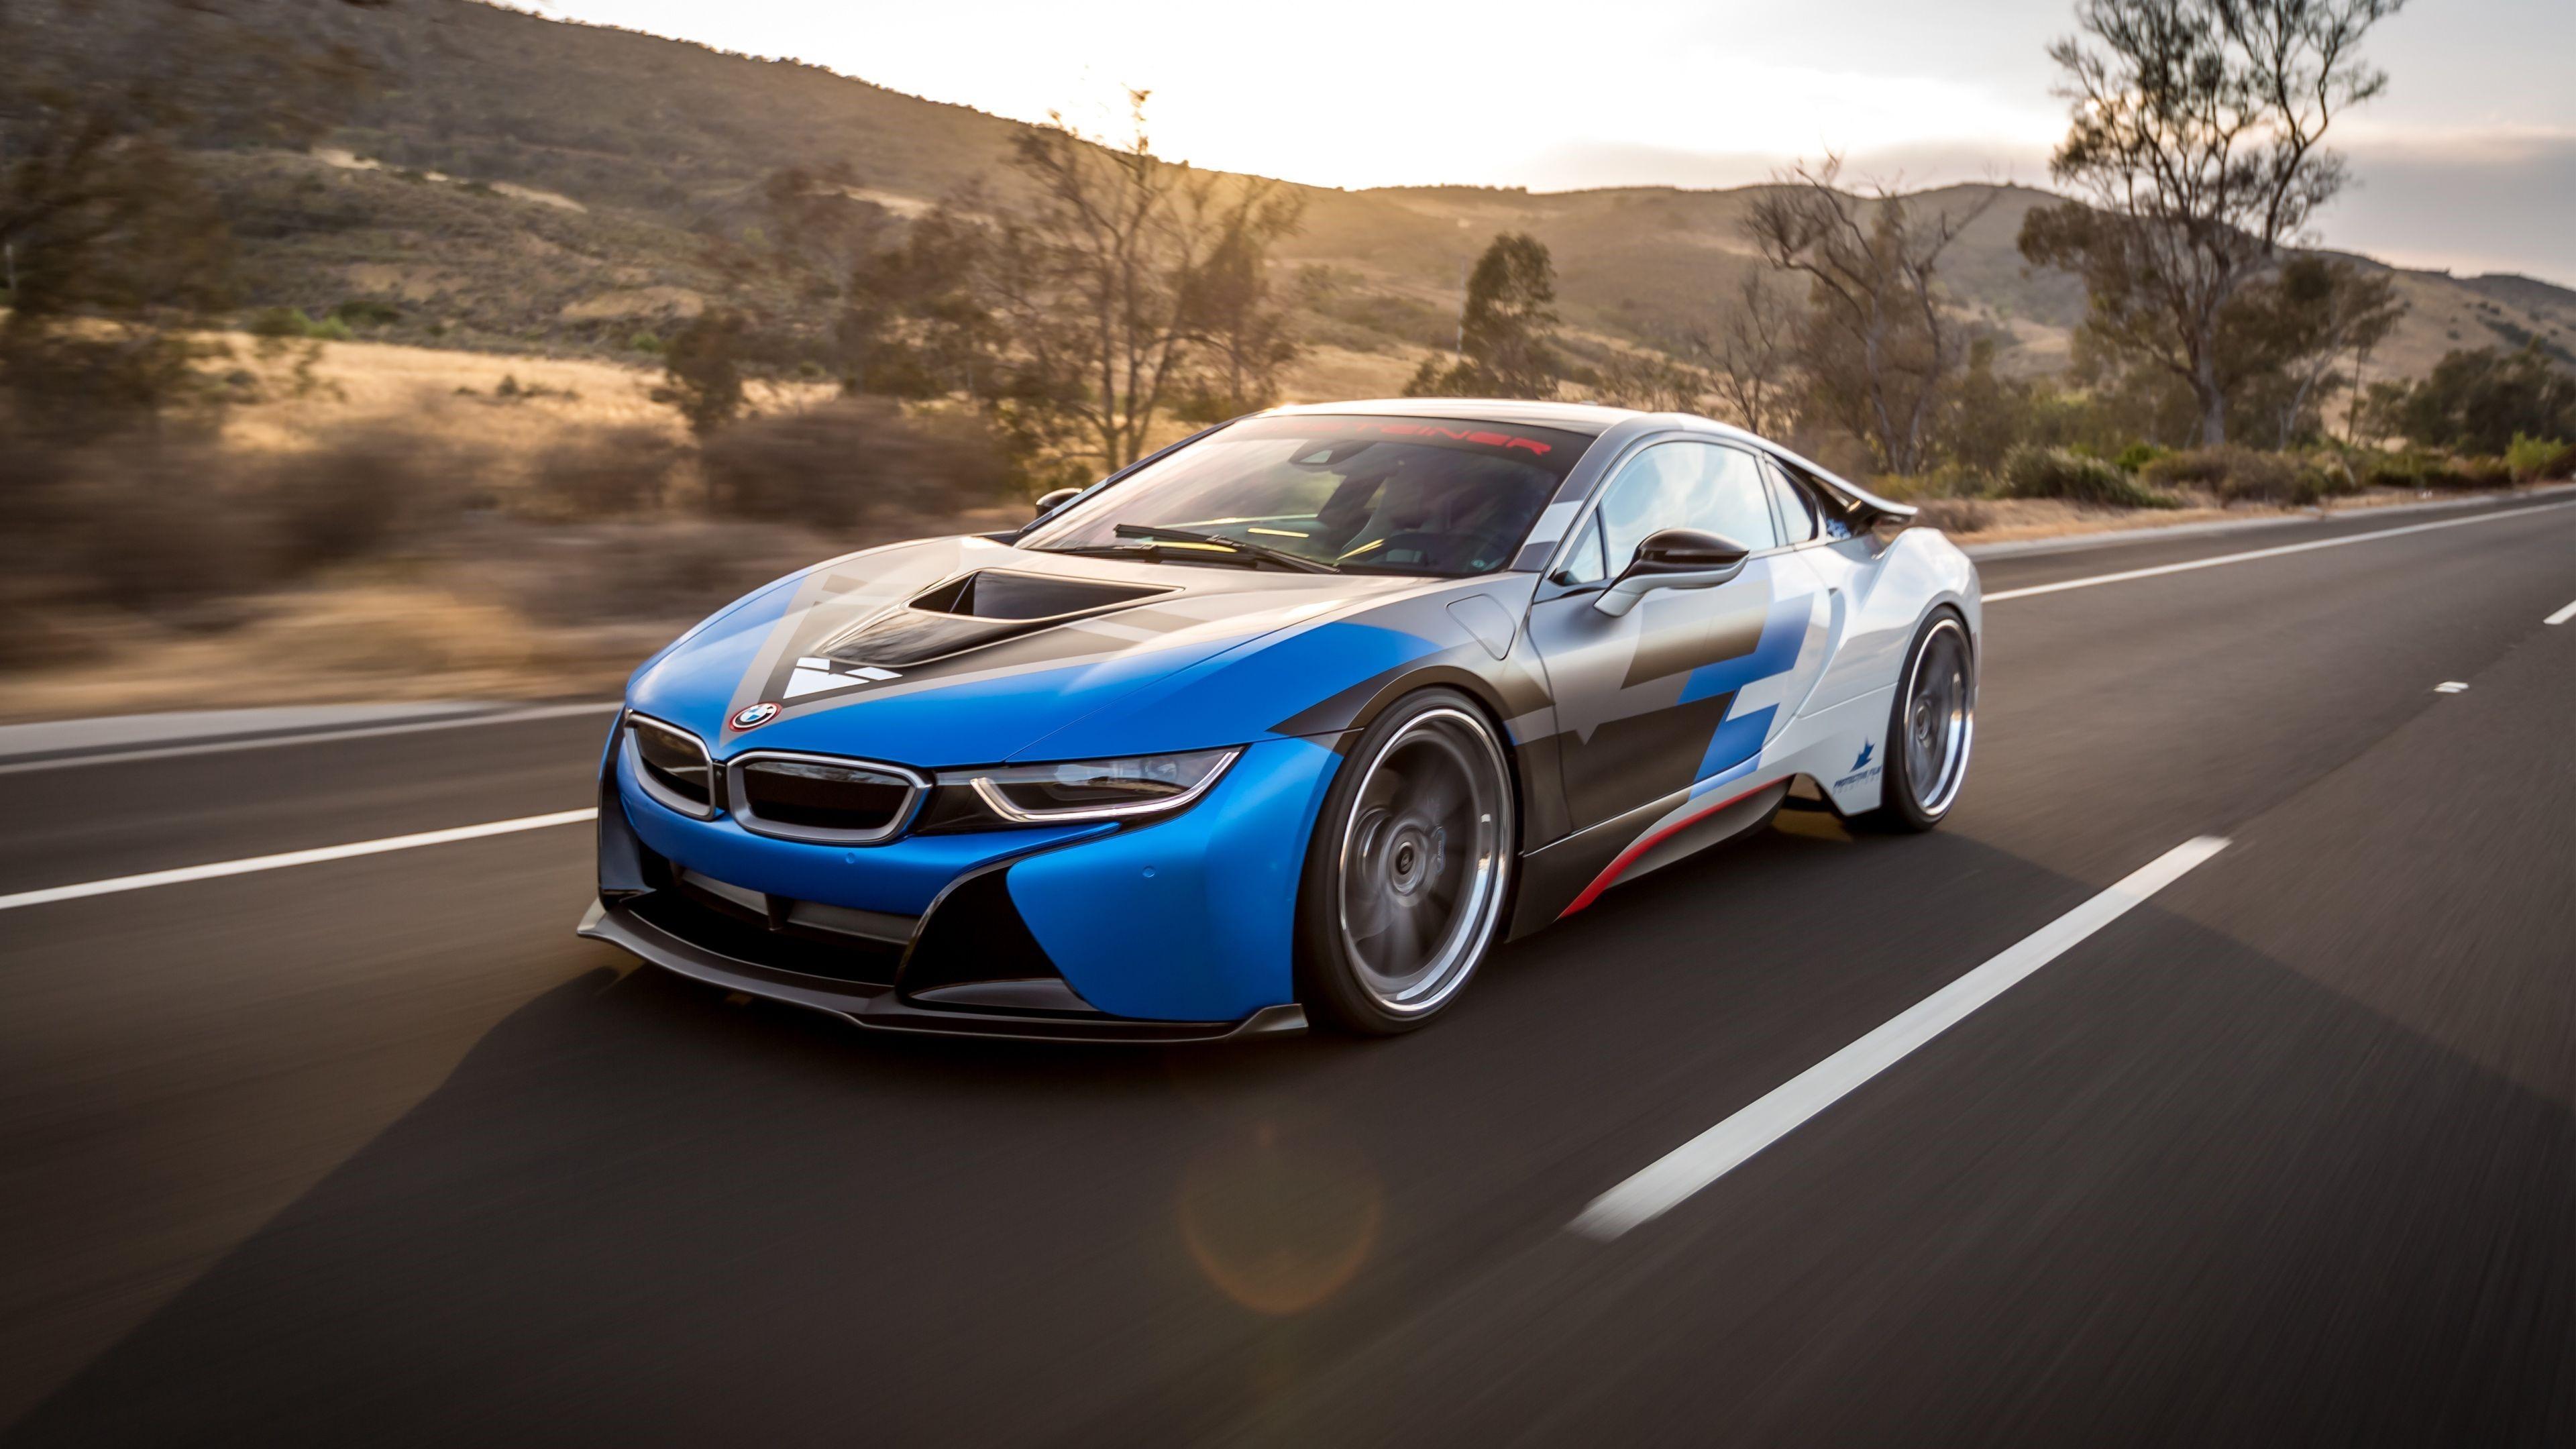 4K BMW images